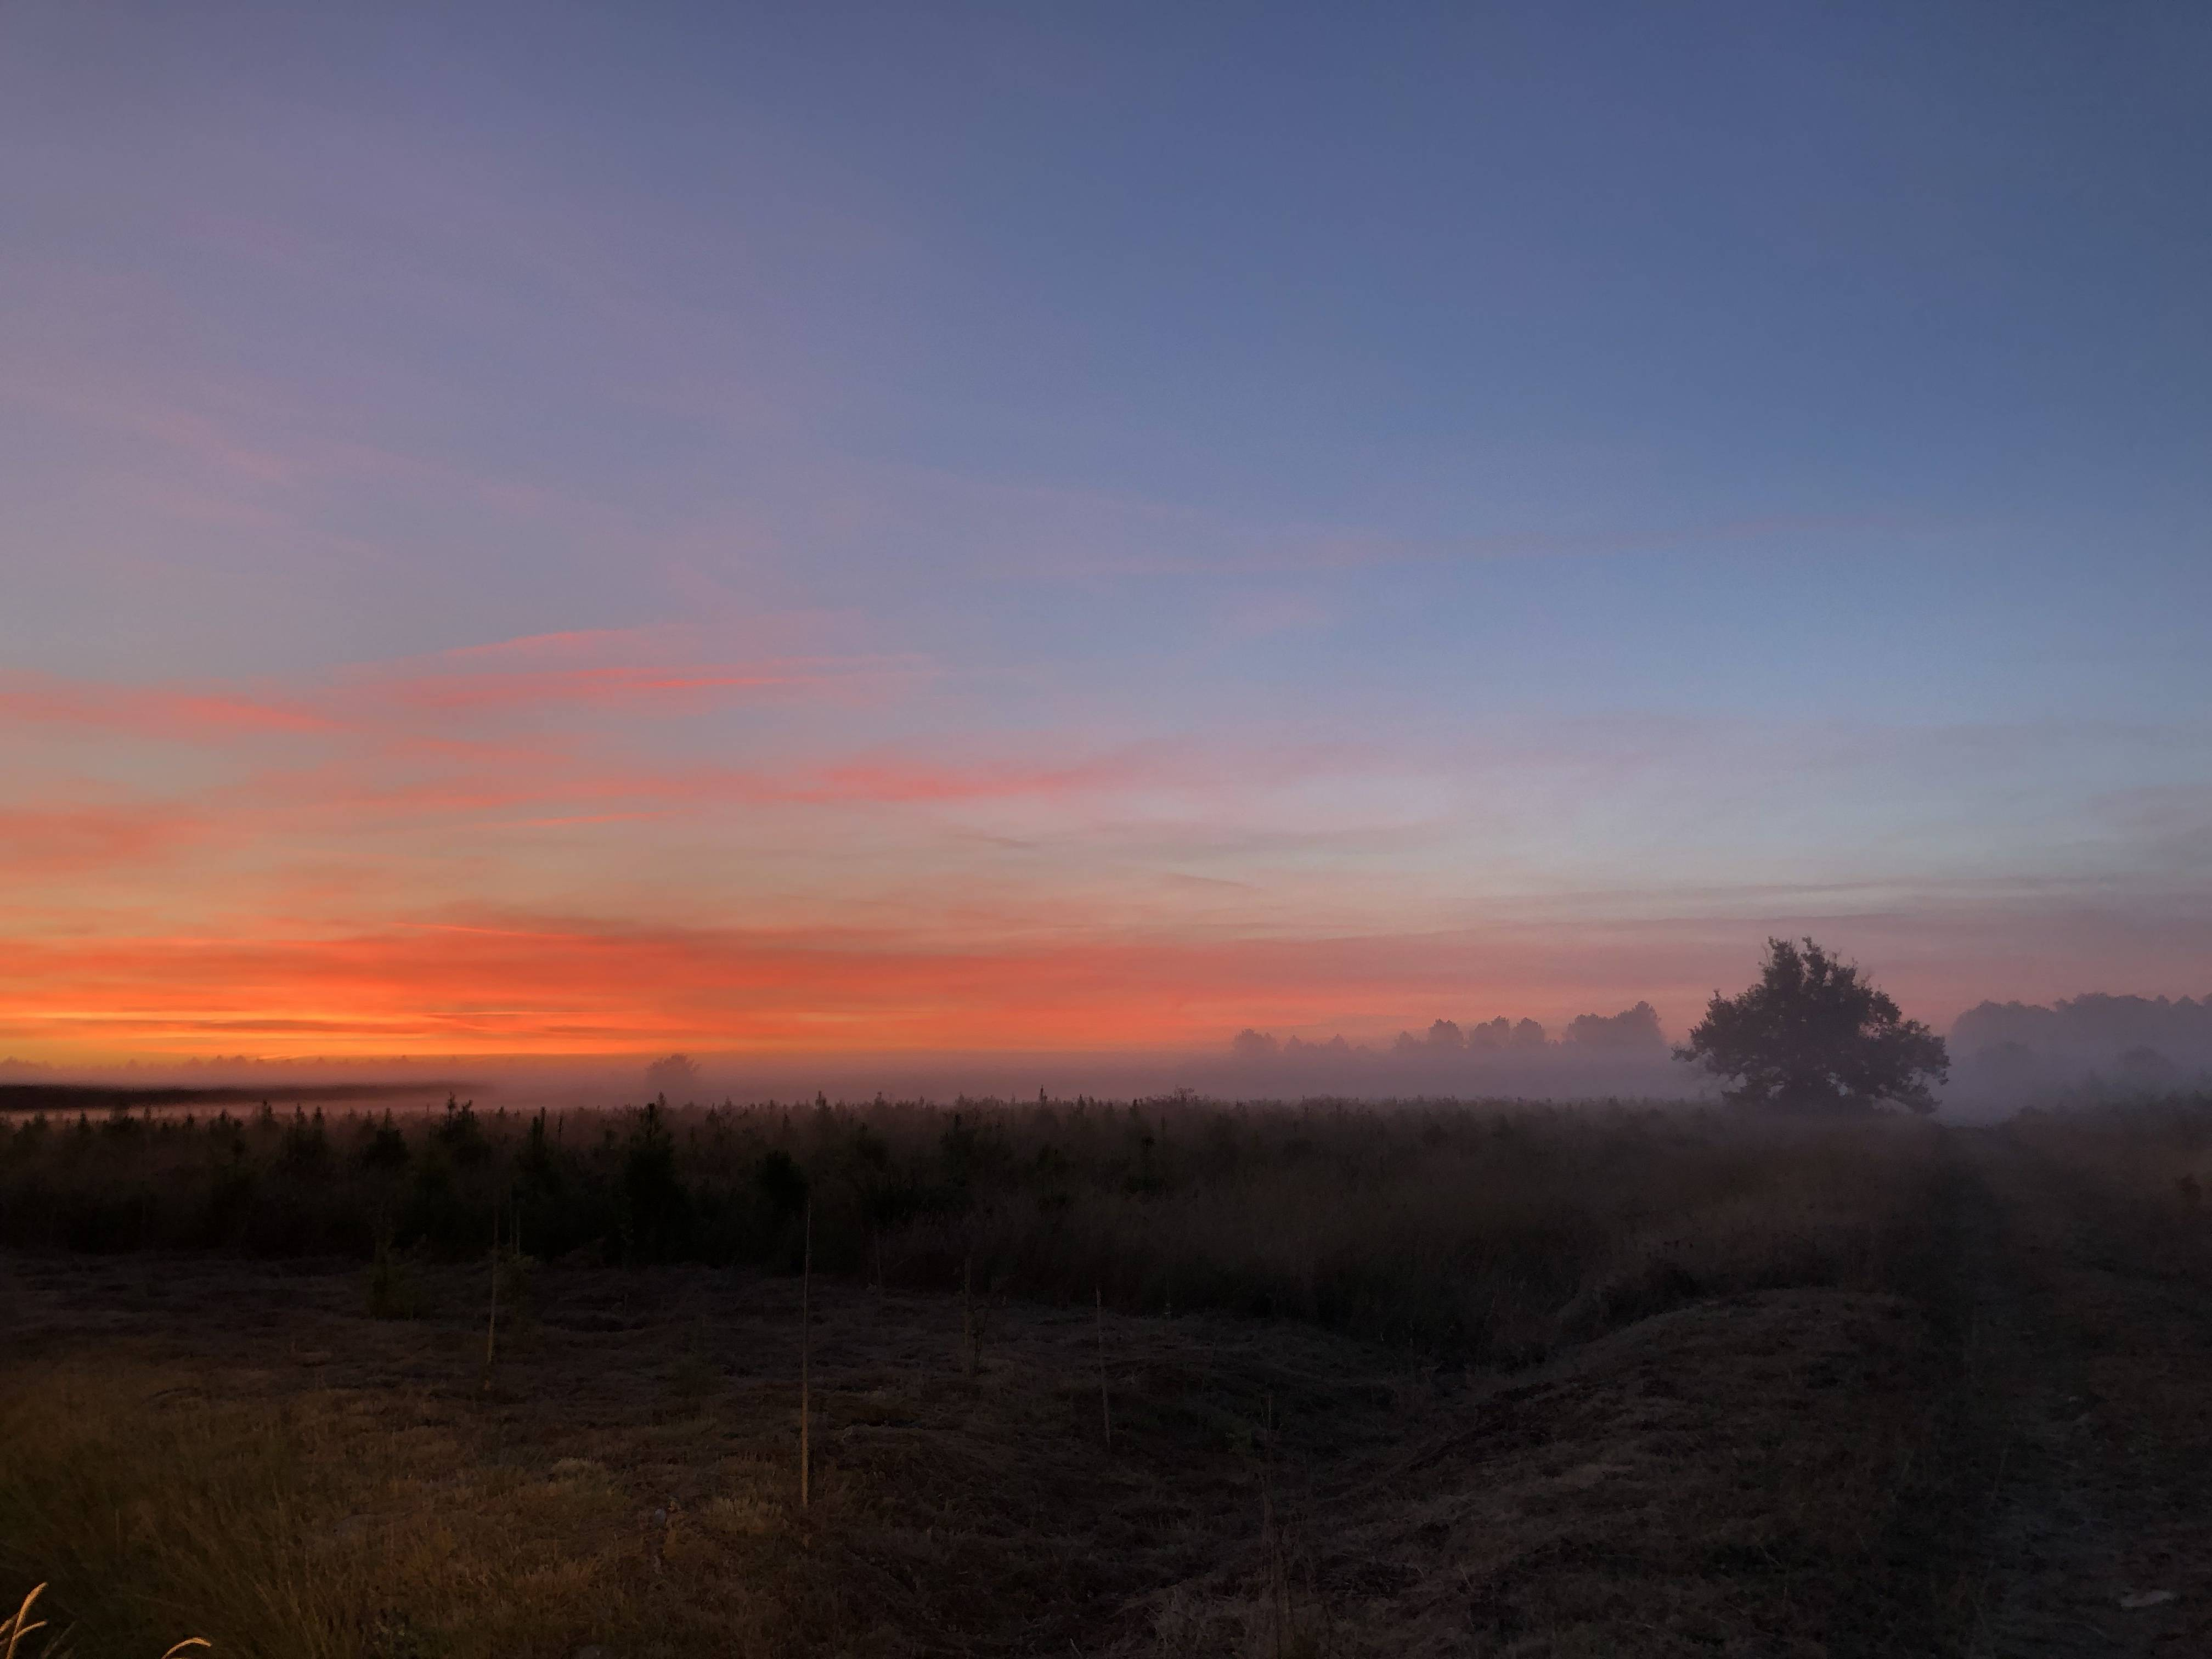 Photo 3: Biscarrosse au lever du jour